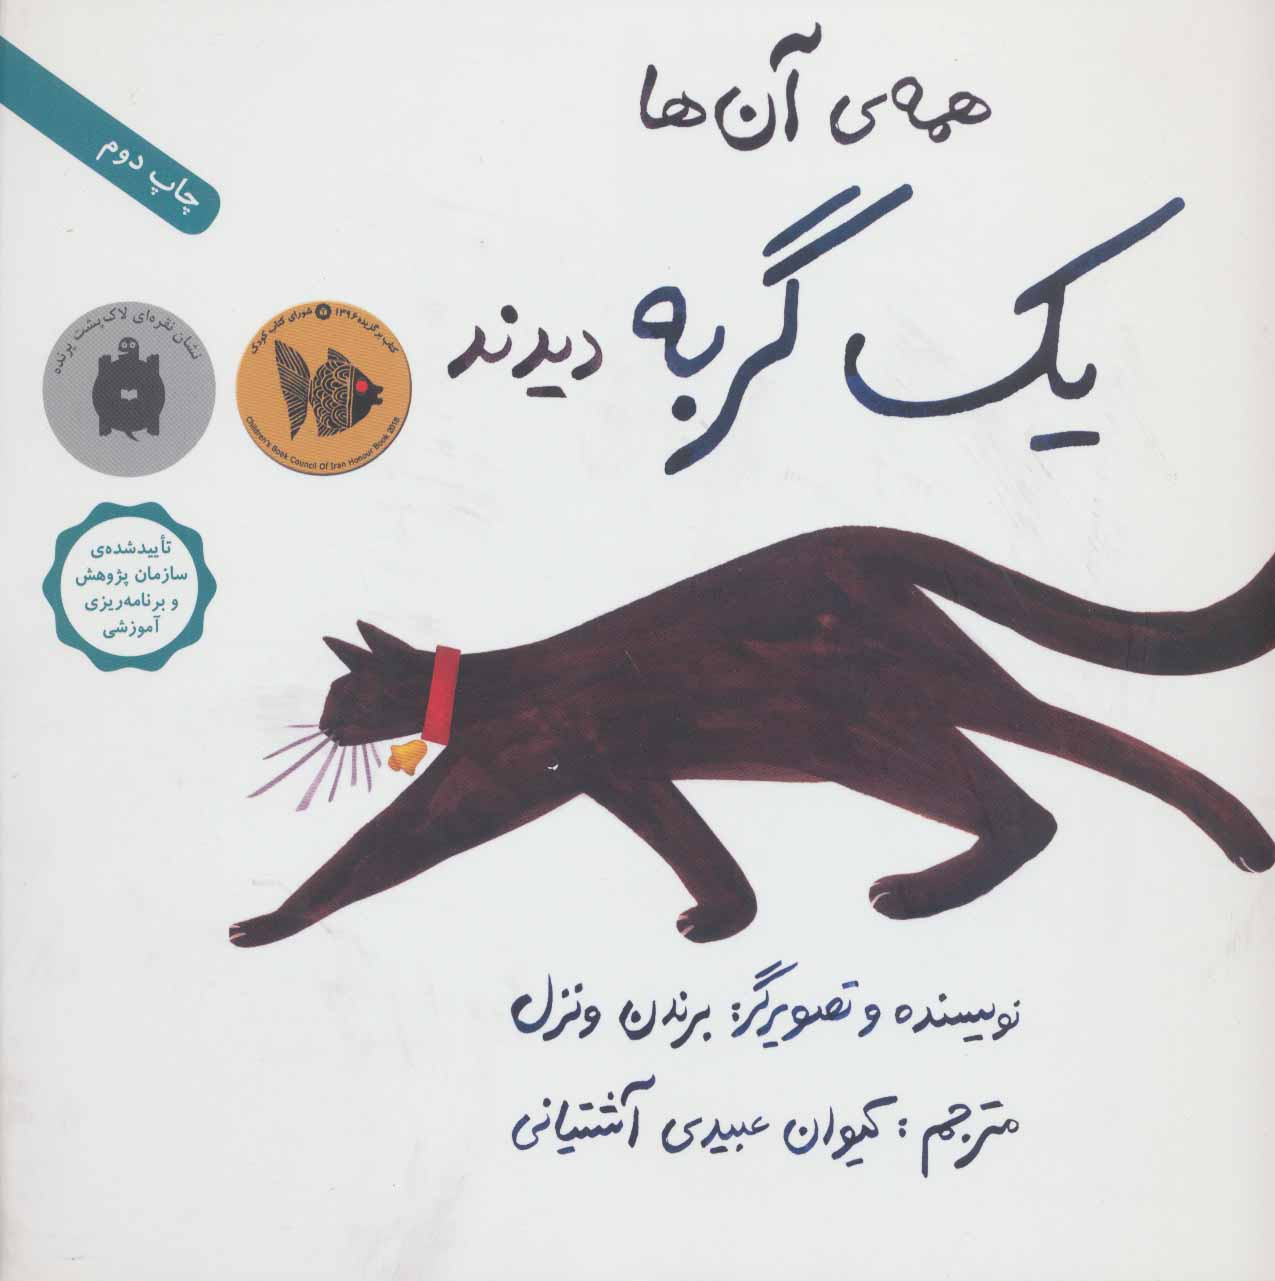 کتاب همهٔ آنها یک گربه دیدند